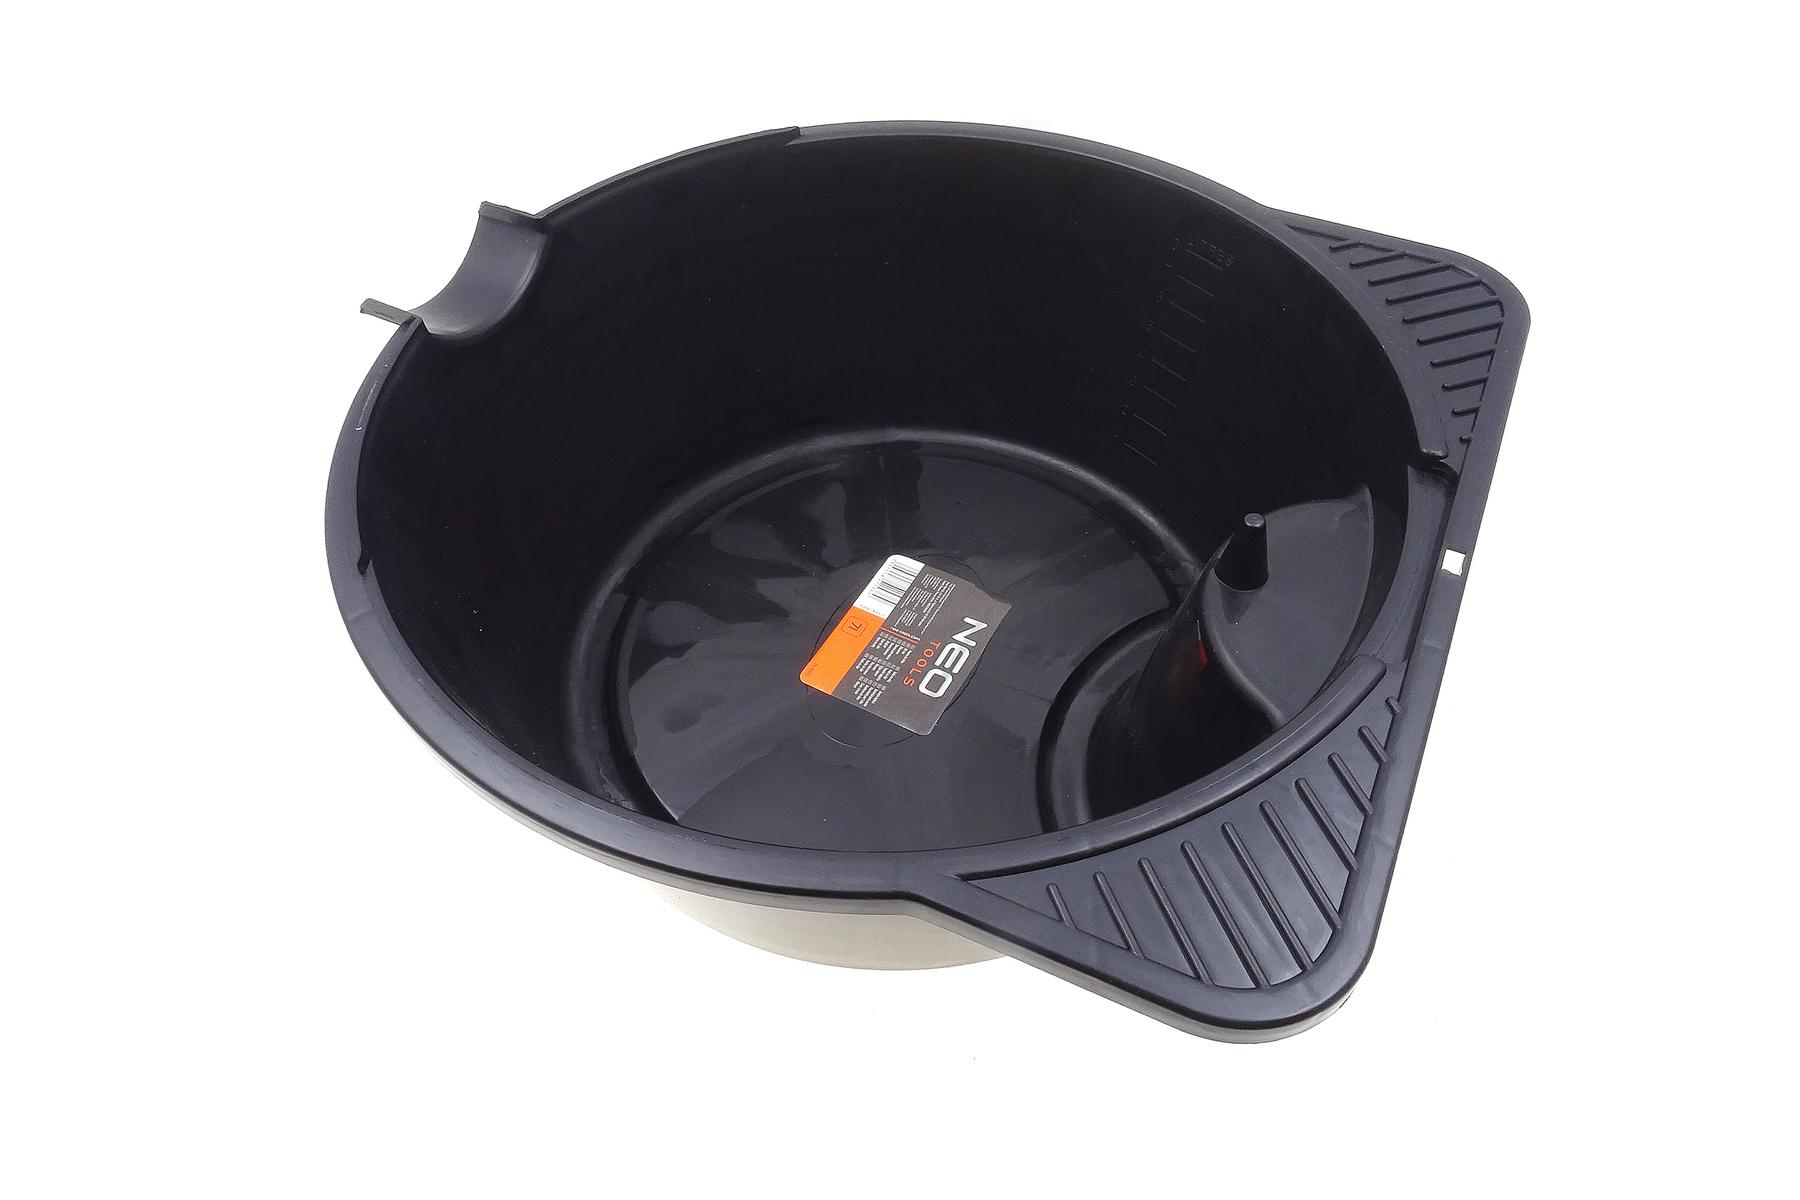 Záchytná vana na olej a provozní kapaliny 7 l, plastová, odkapávač na filtr - NEO tools